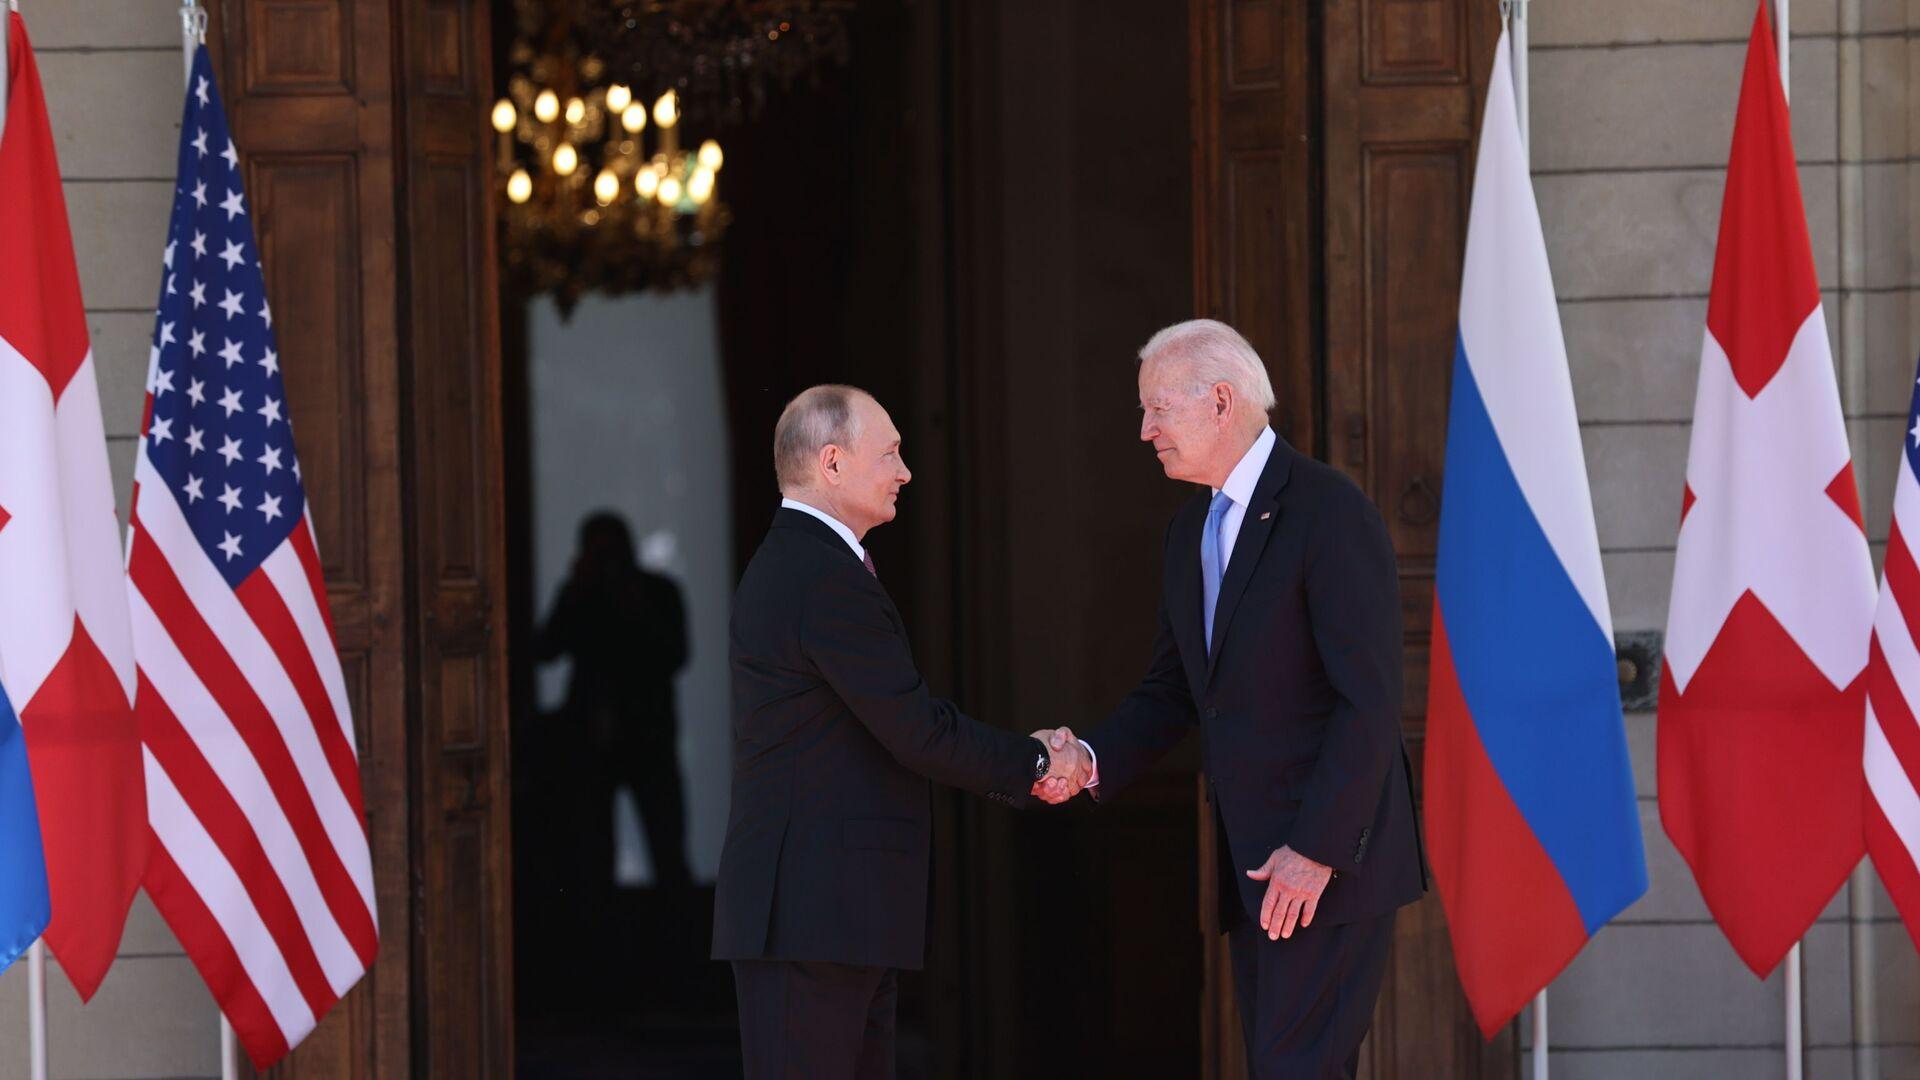 Prezidenti Putin a Biden před vchodem do vily v Ženevě - Sputnik Česká republika, 1920, 18.09.2021